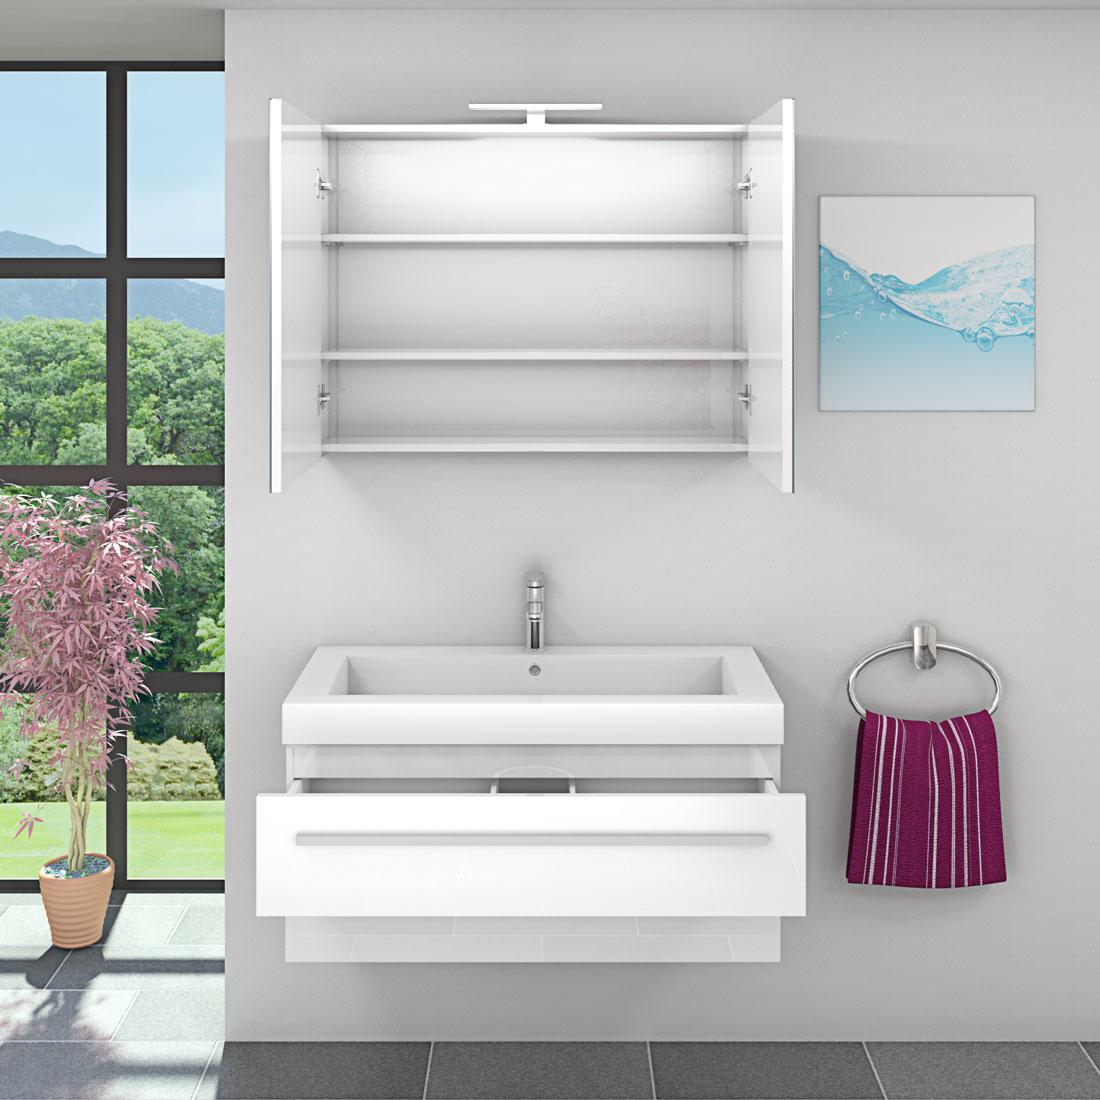 Waschtisch Mit Waschbecken Unterschrank City 101 100cm Hochglanz Weiß